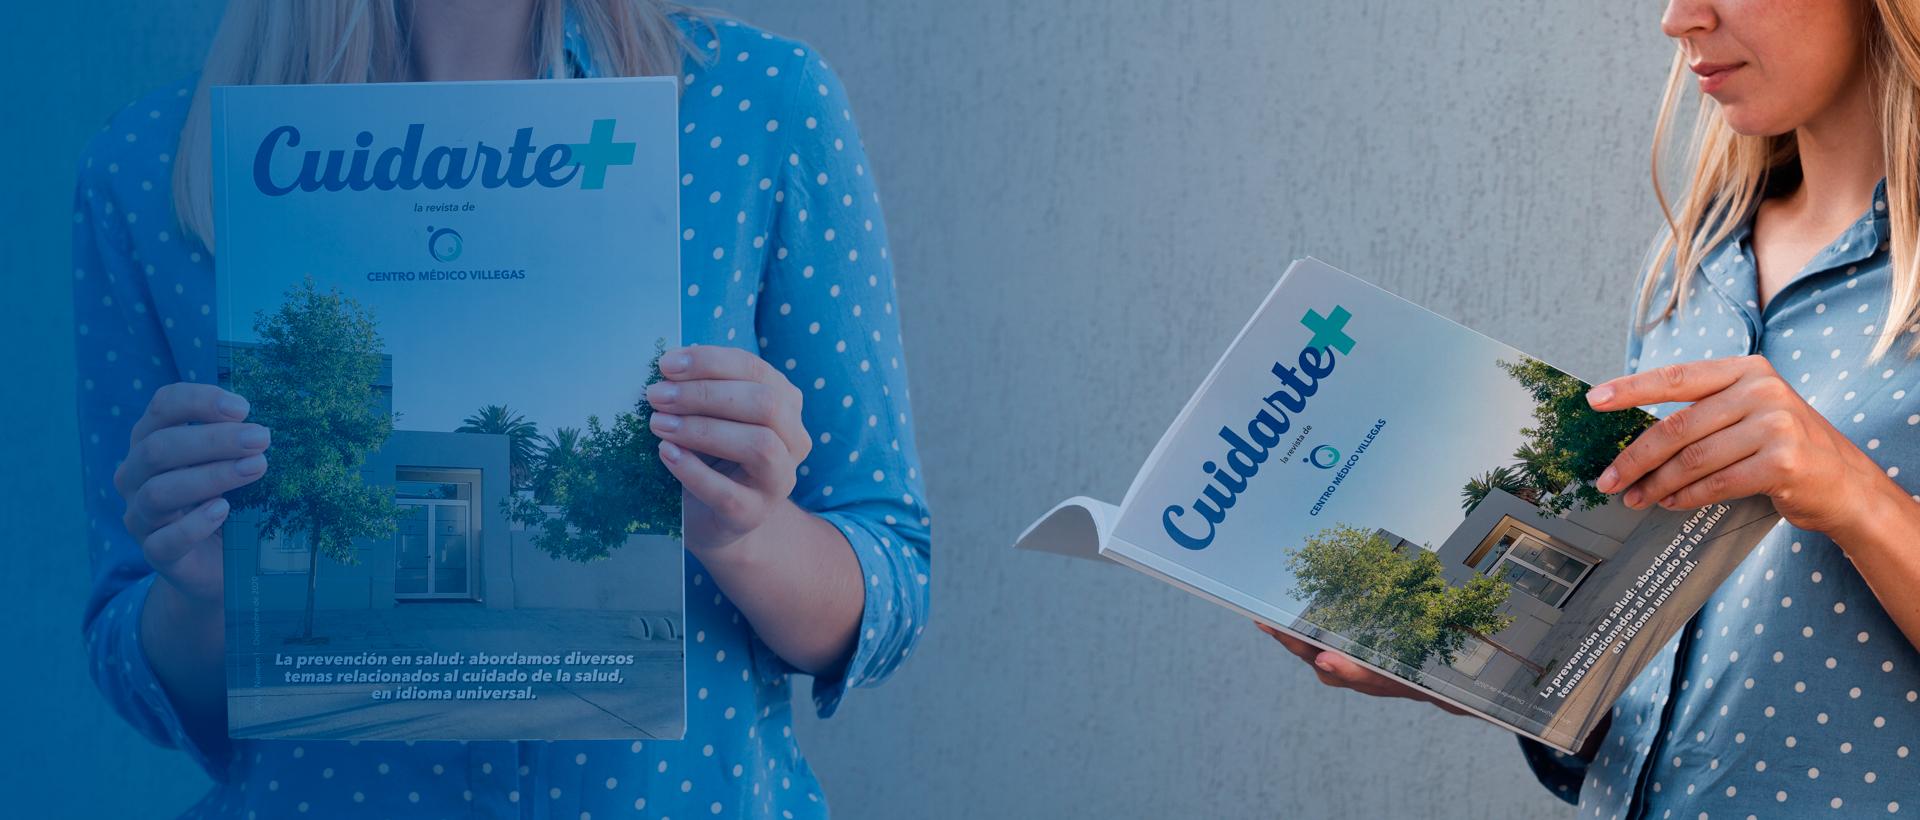 Revista Cuidarte+